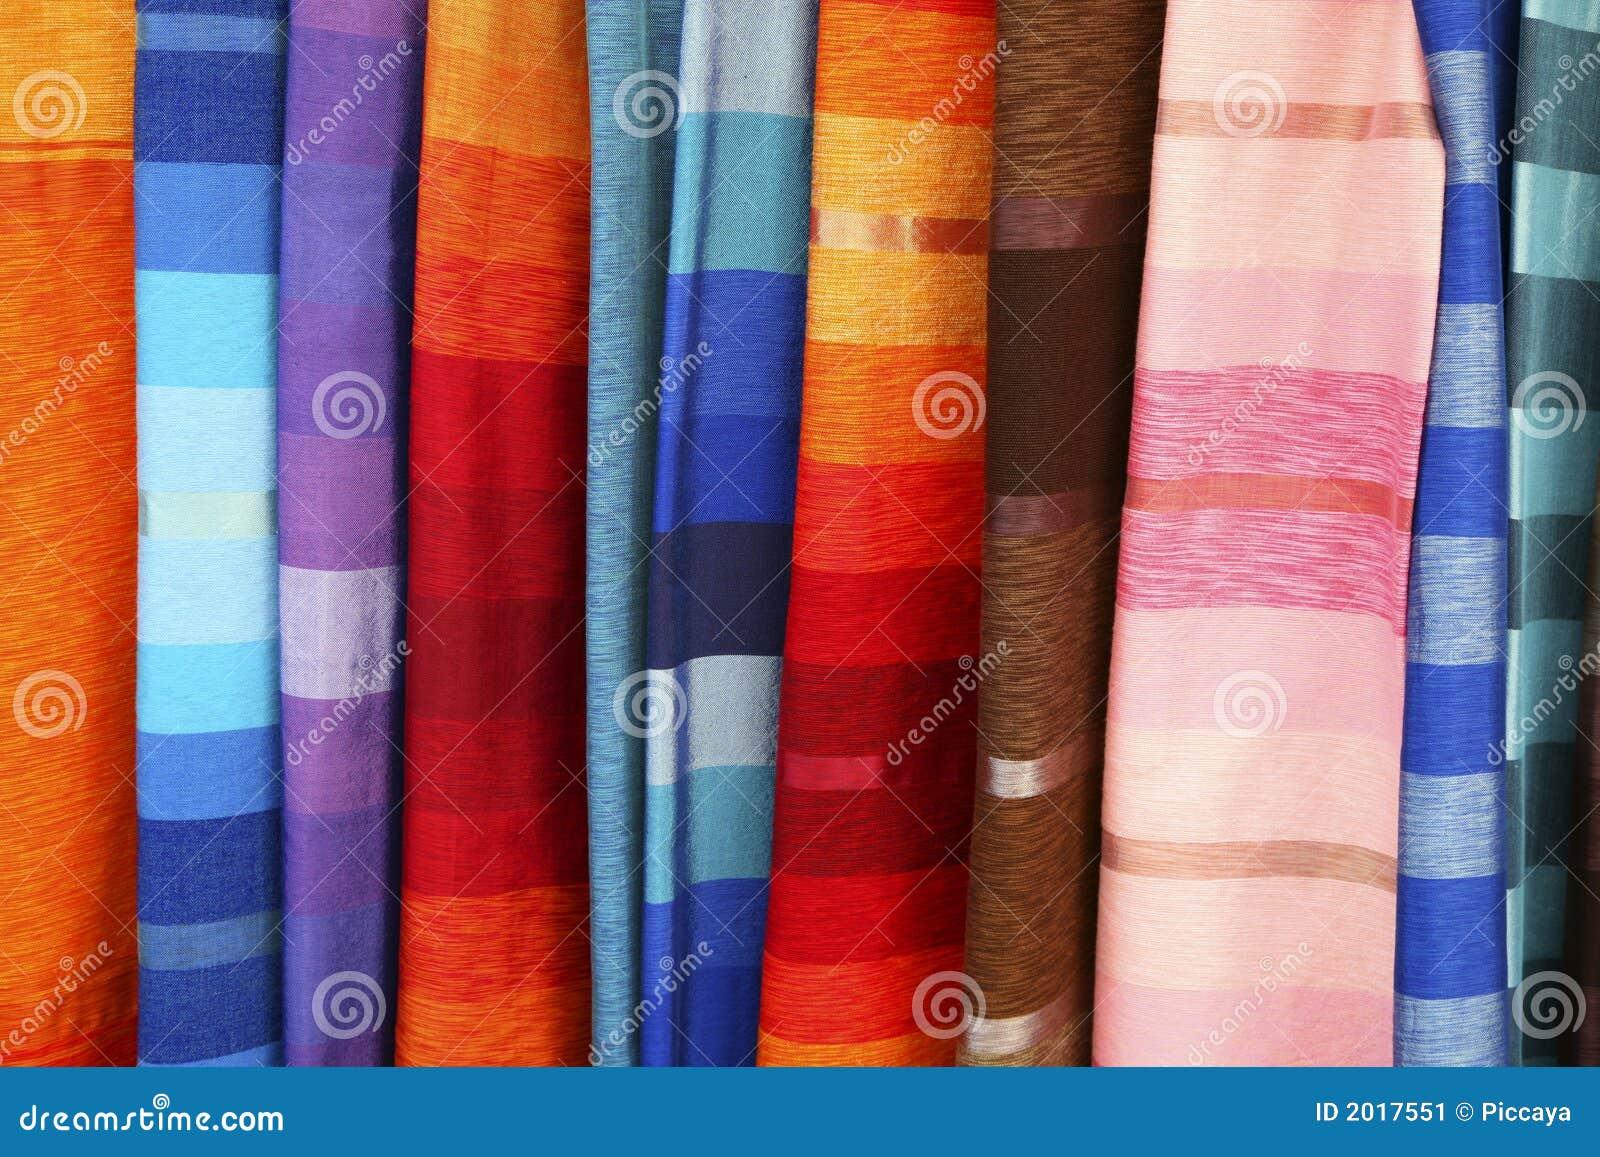 telas marroqu es imagen de archivo imagen de tela On telas marroquies